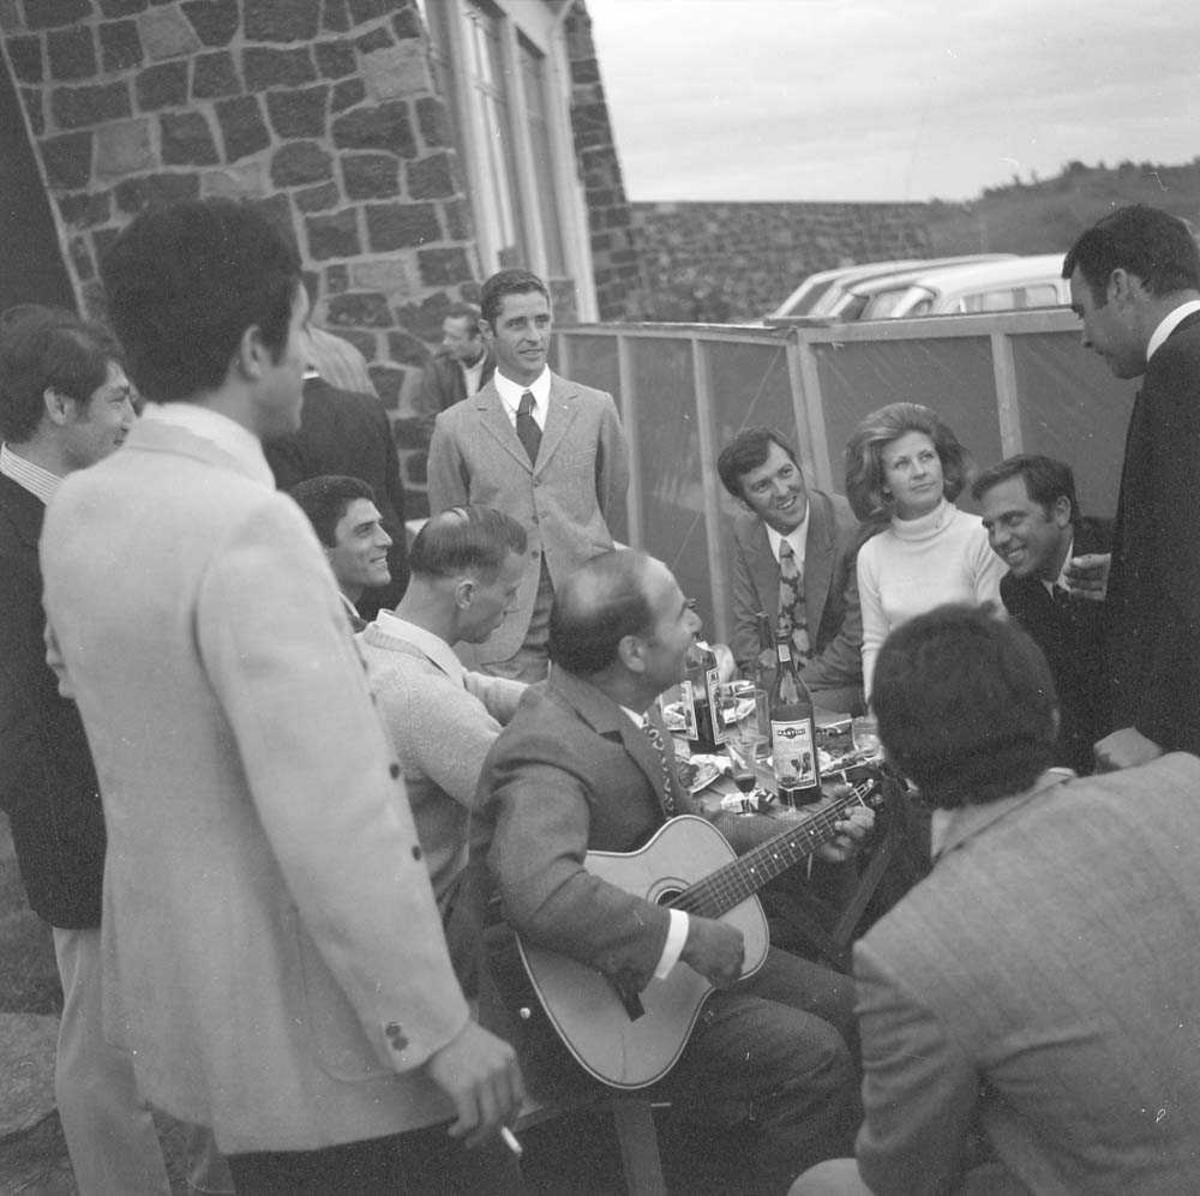 Italiensk skvadron på besøk på Bodø flystasjon. Her er nordmenn og italienere samlet til fest på selve Sankt Hans aften.